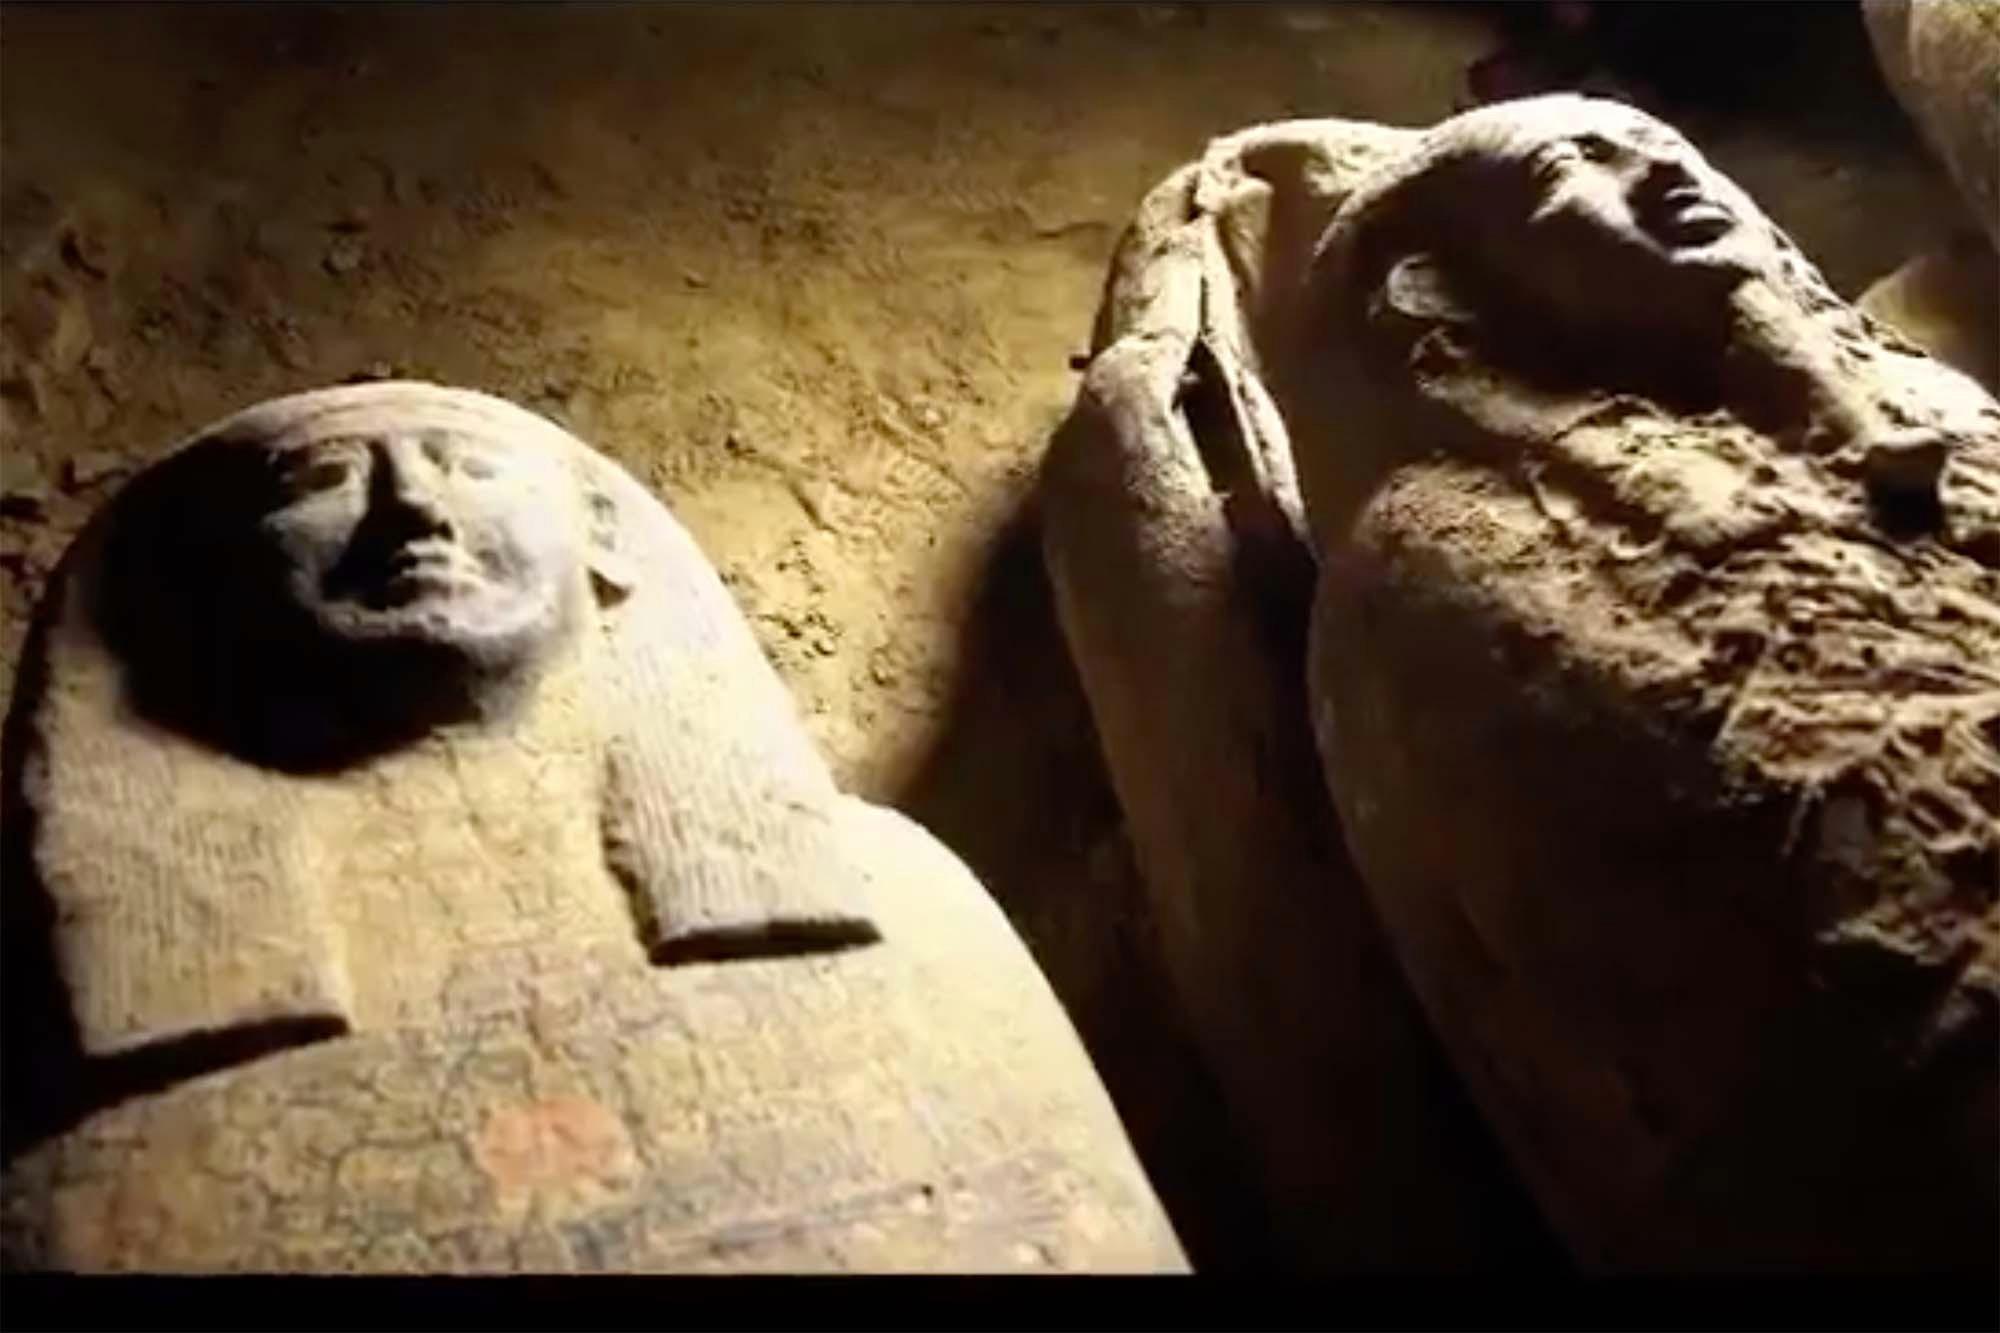 Múmias de 2.500 anos encontradas no Egito (Foto: Reprodução?NY Post)